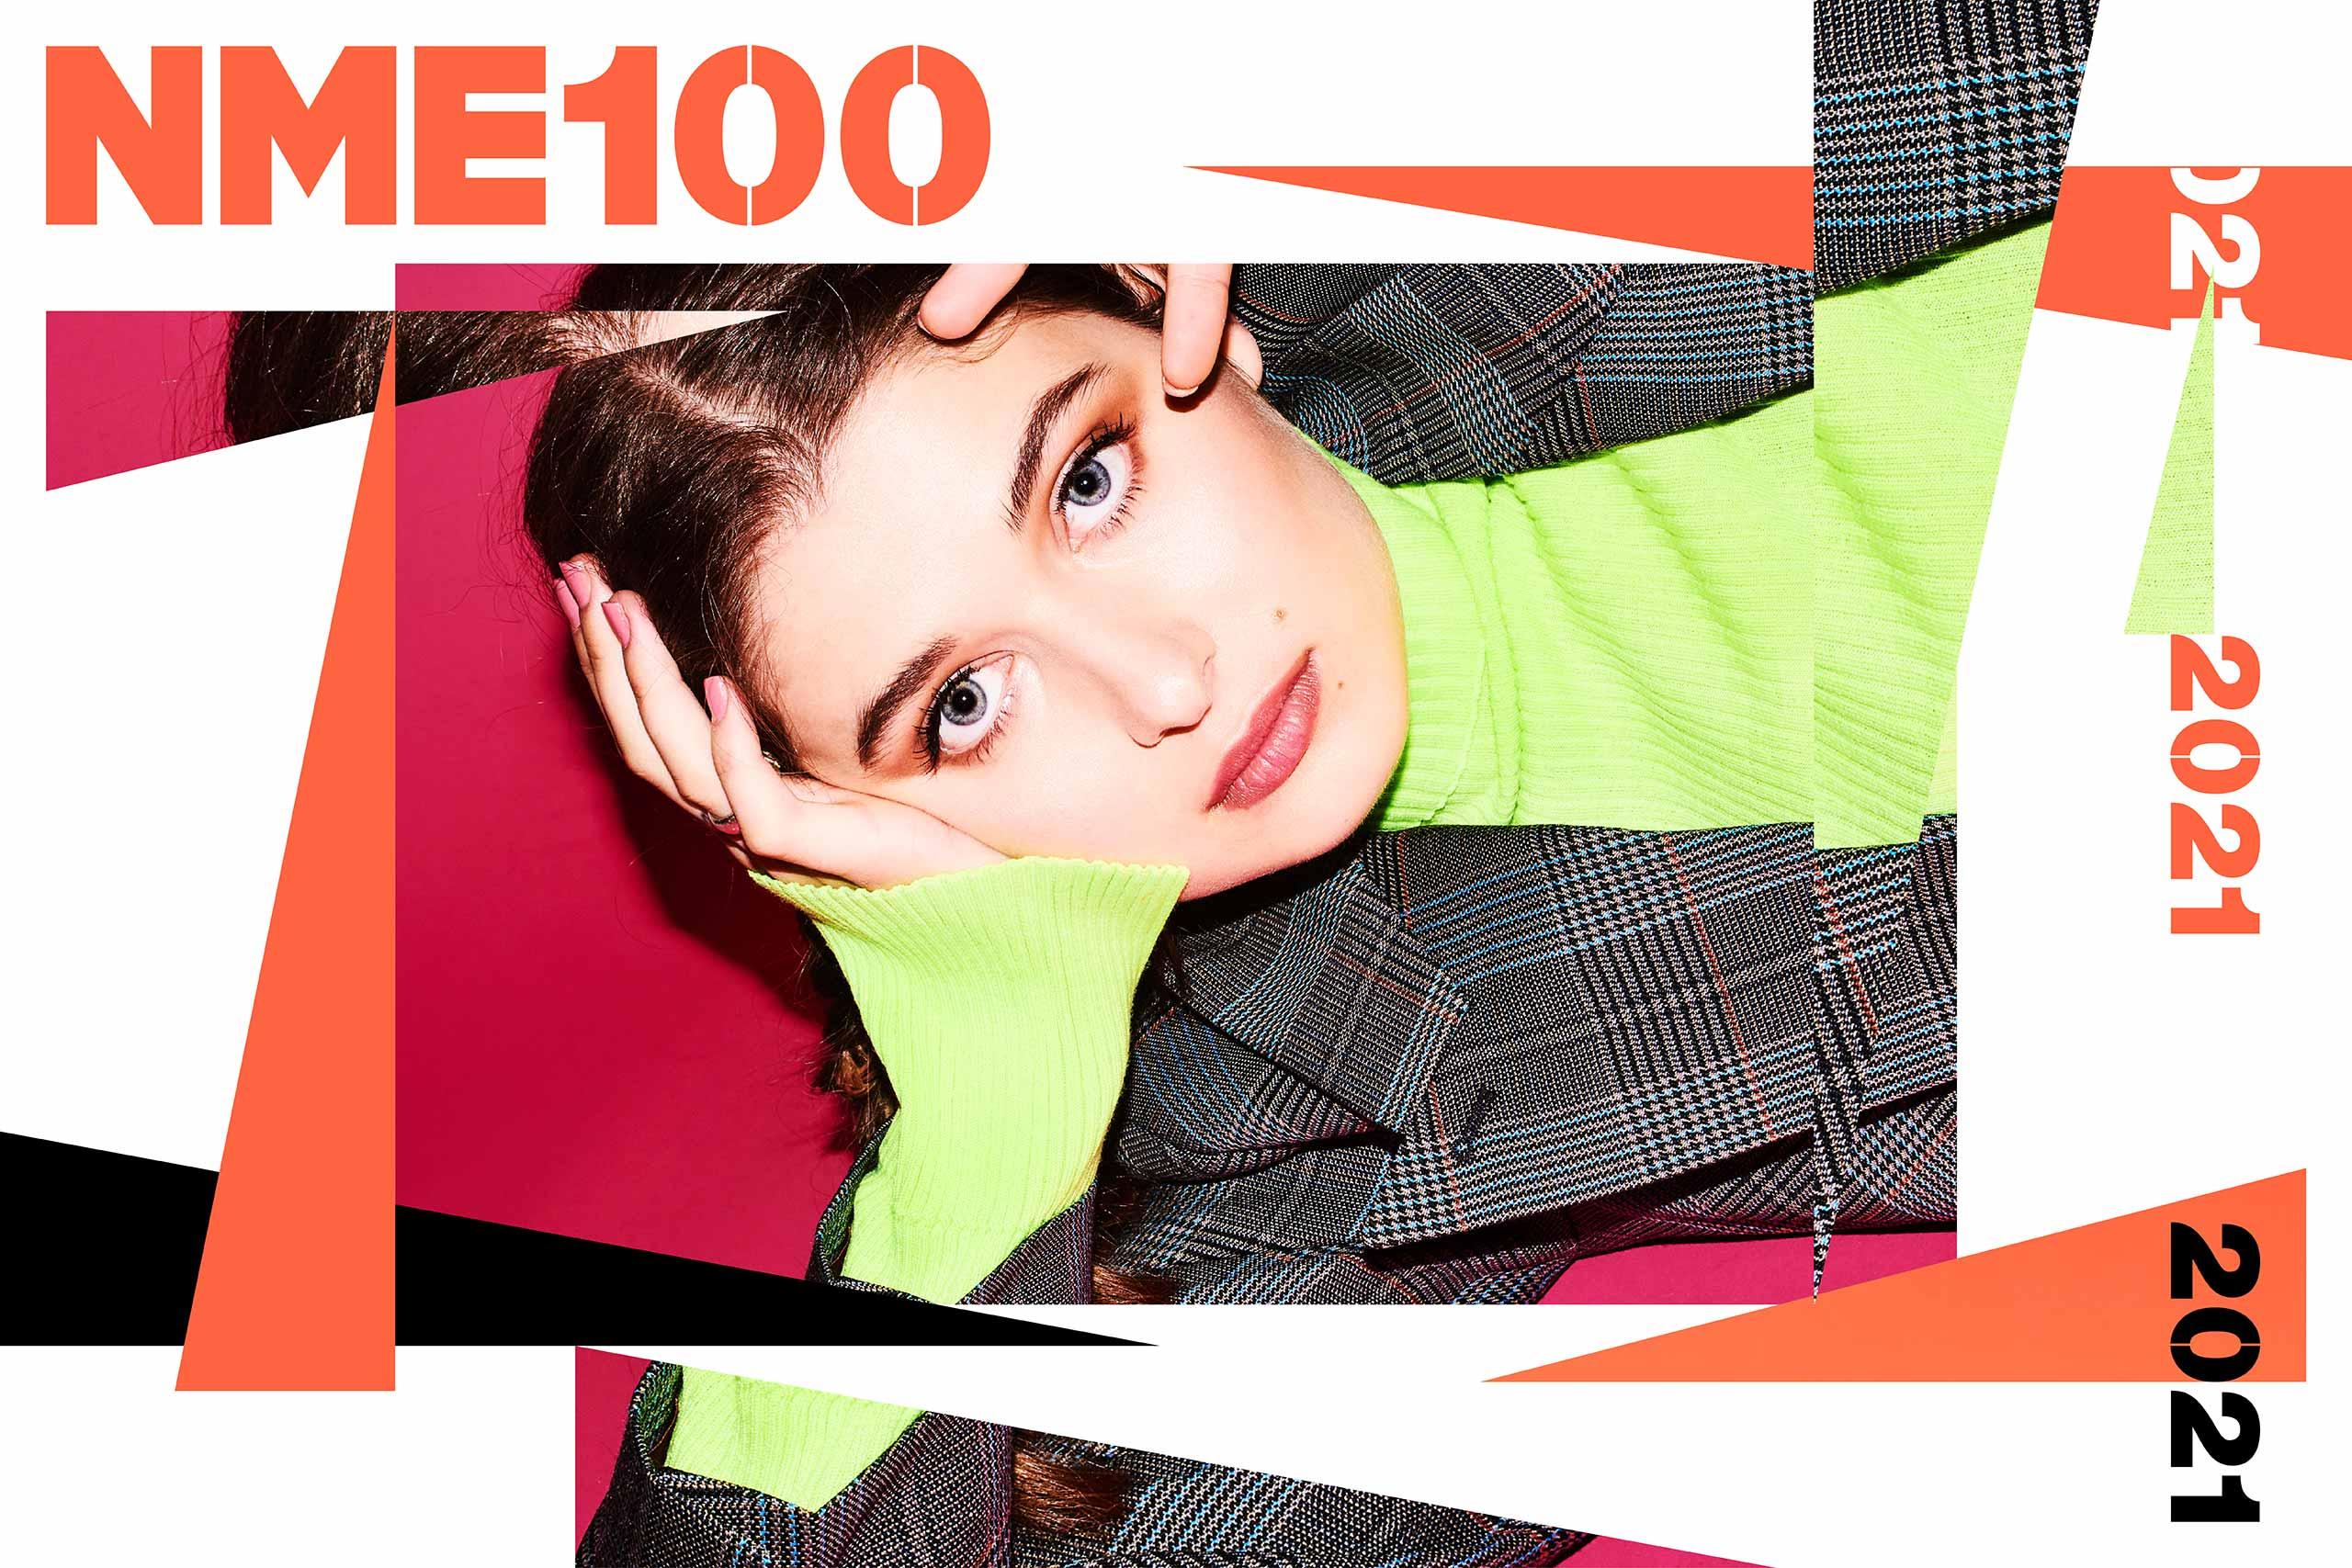 NME 100 baby queen